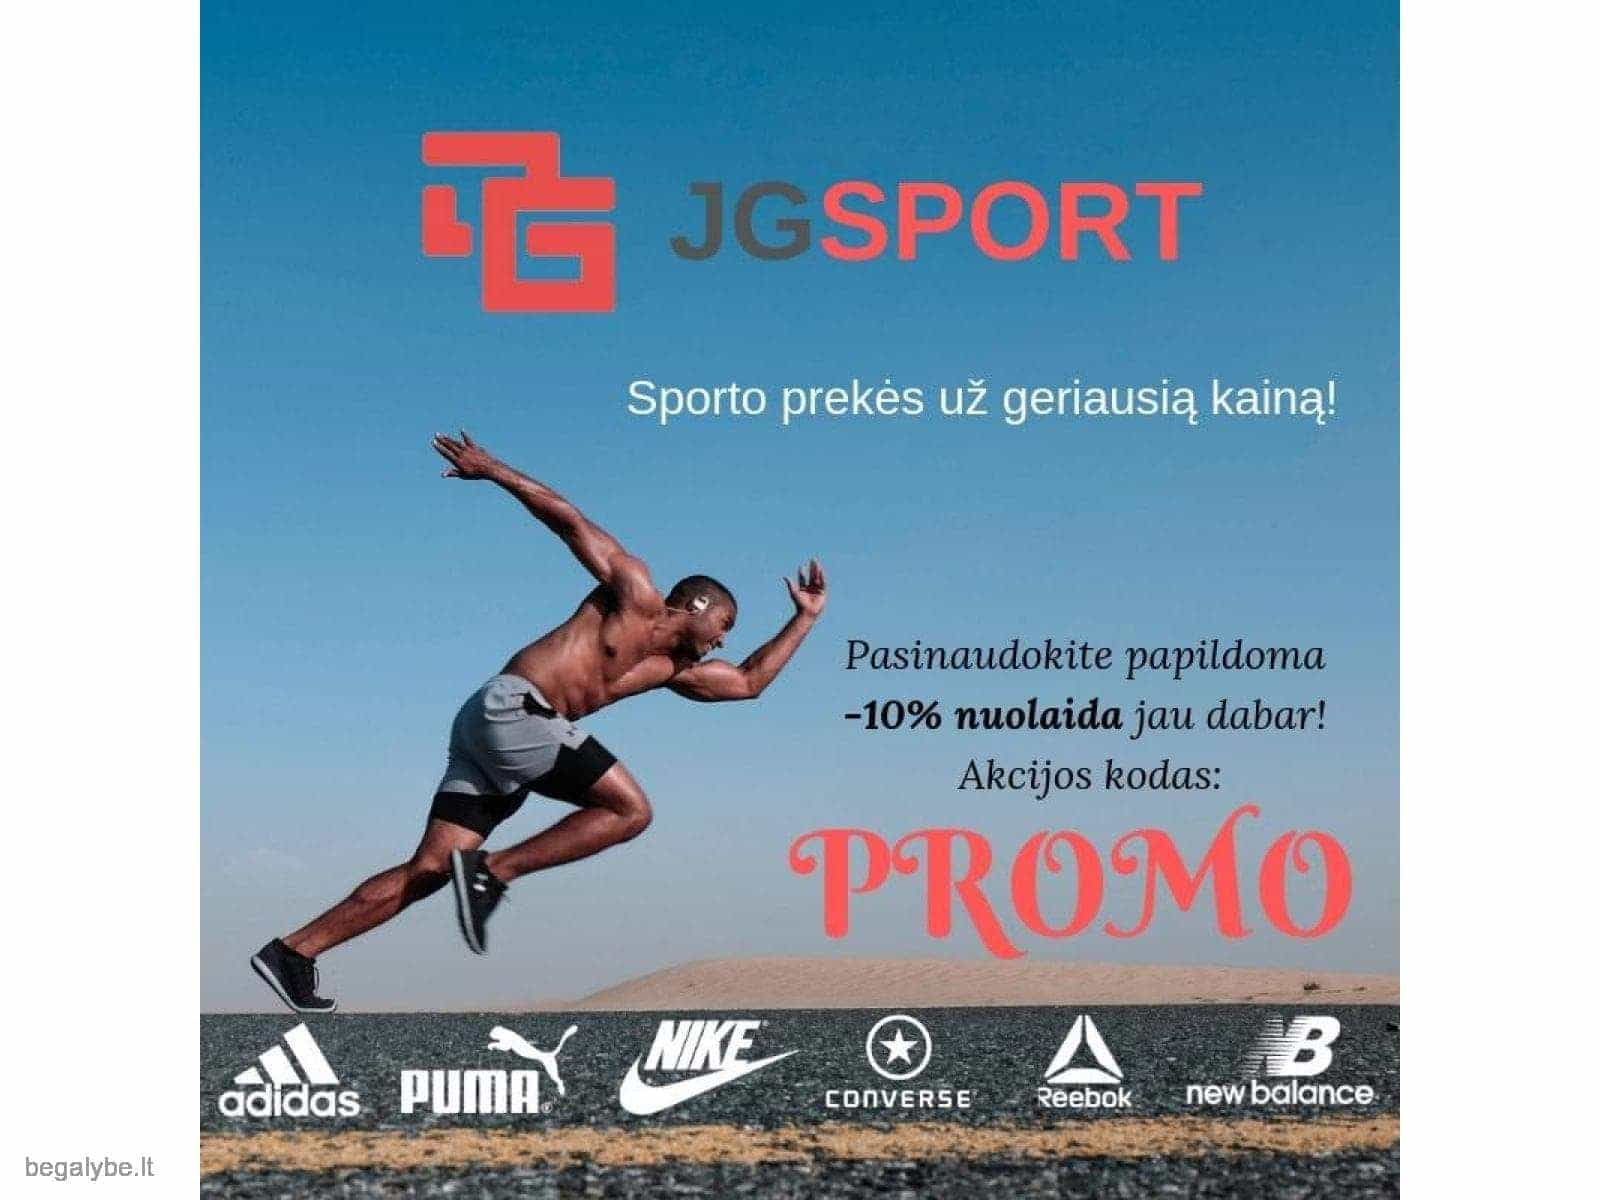 JGsport.lt - sporto prekės už geriausią kainą!